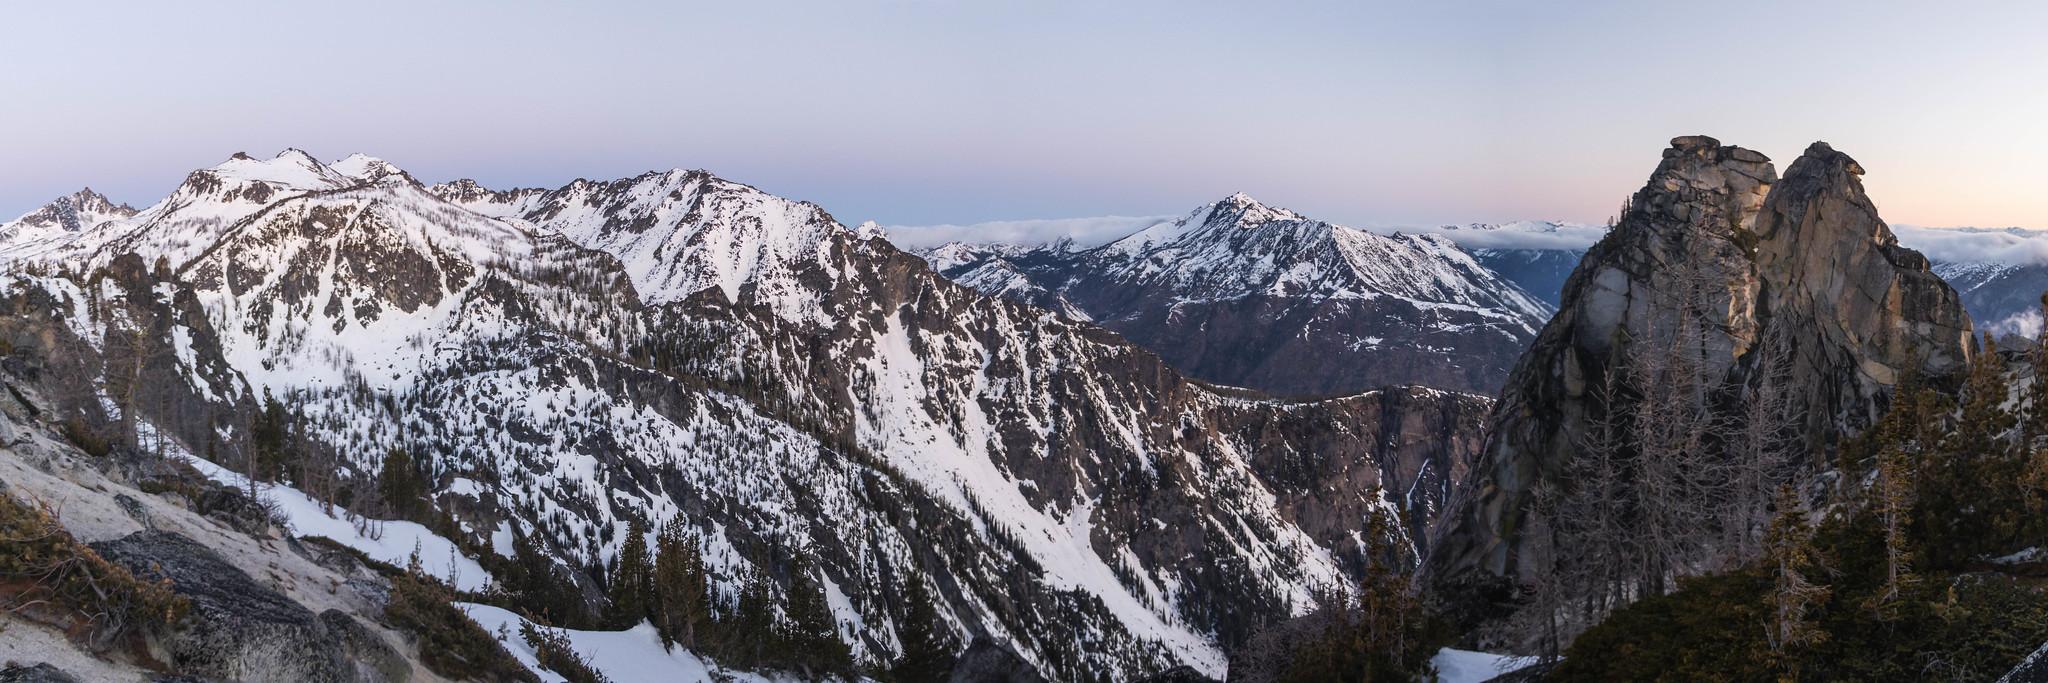 Cannon Mountain to Edward Peak panoramic view